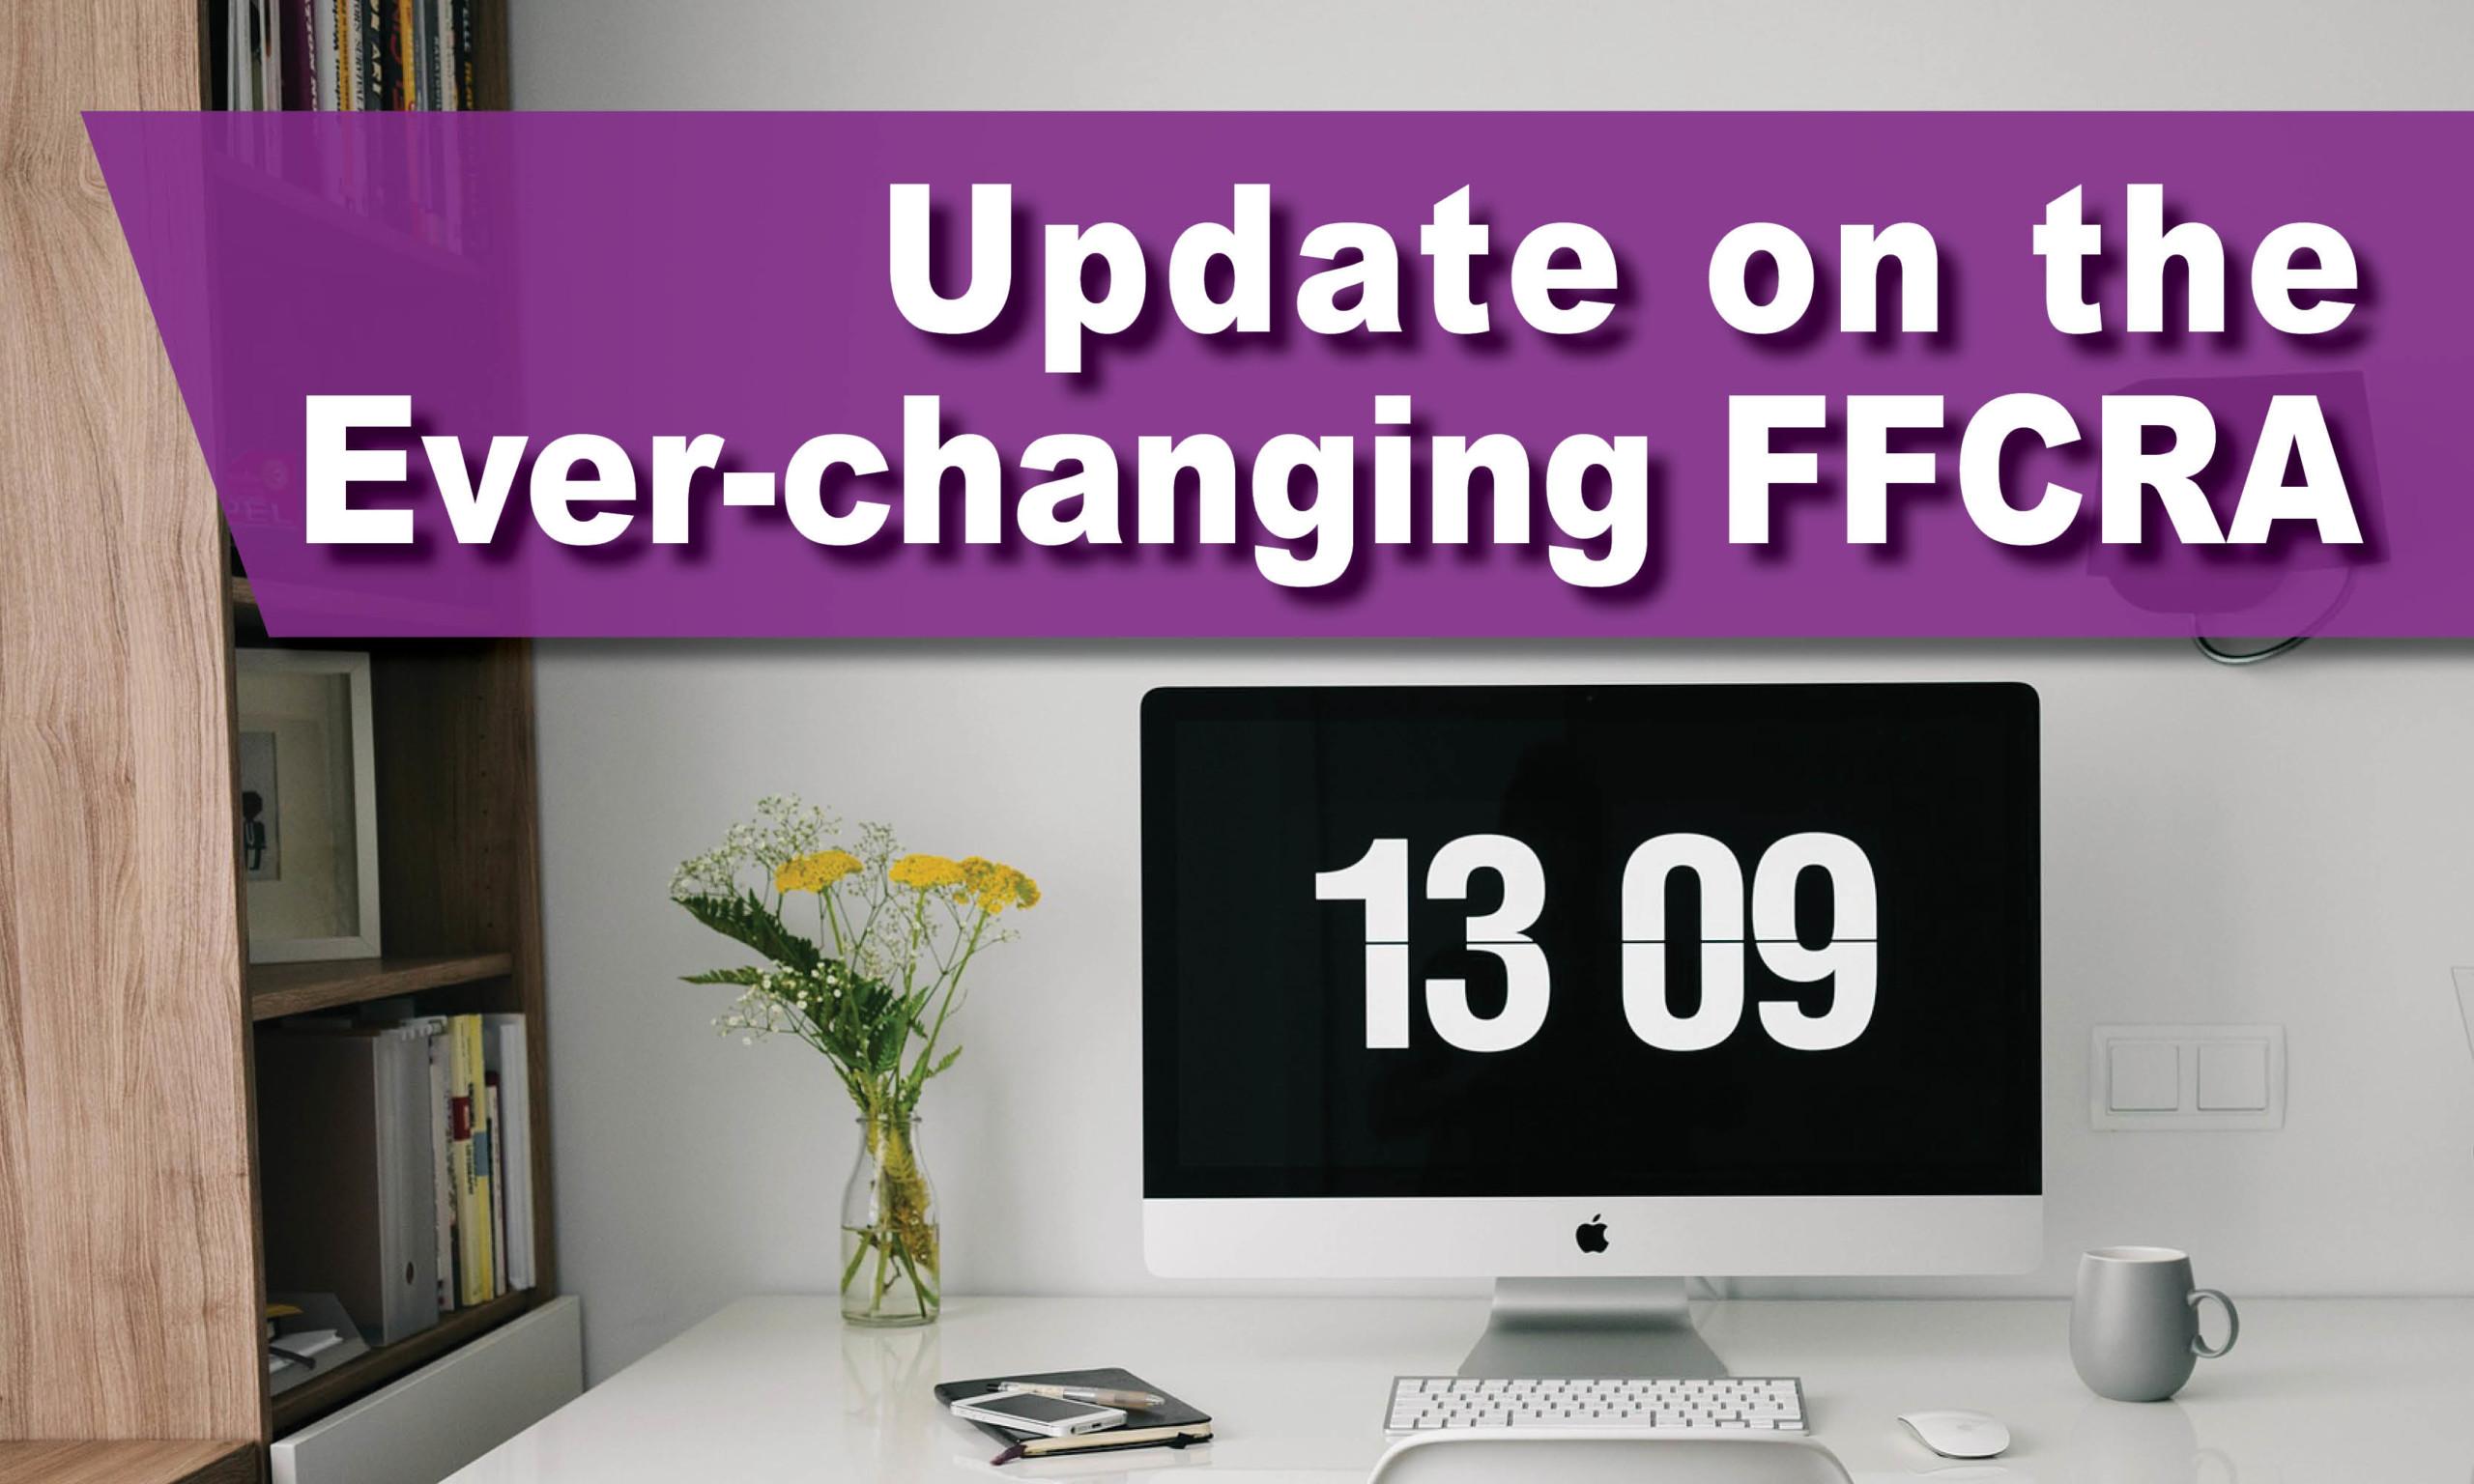 Updates to FFCRA